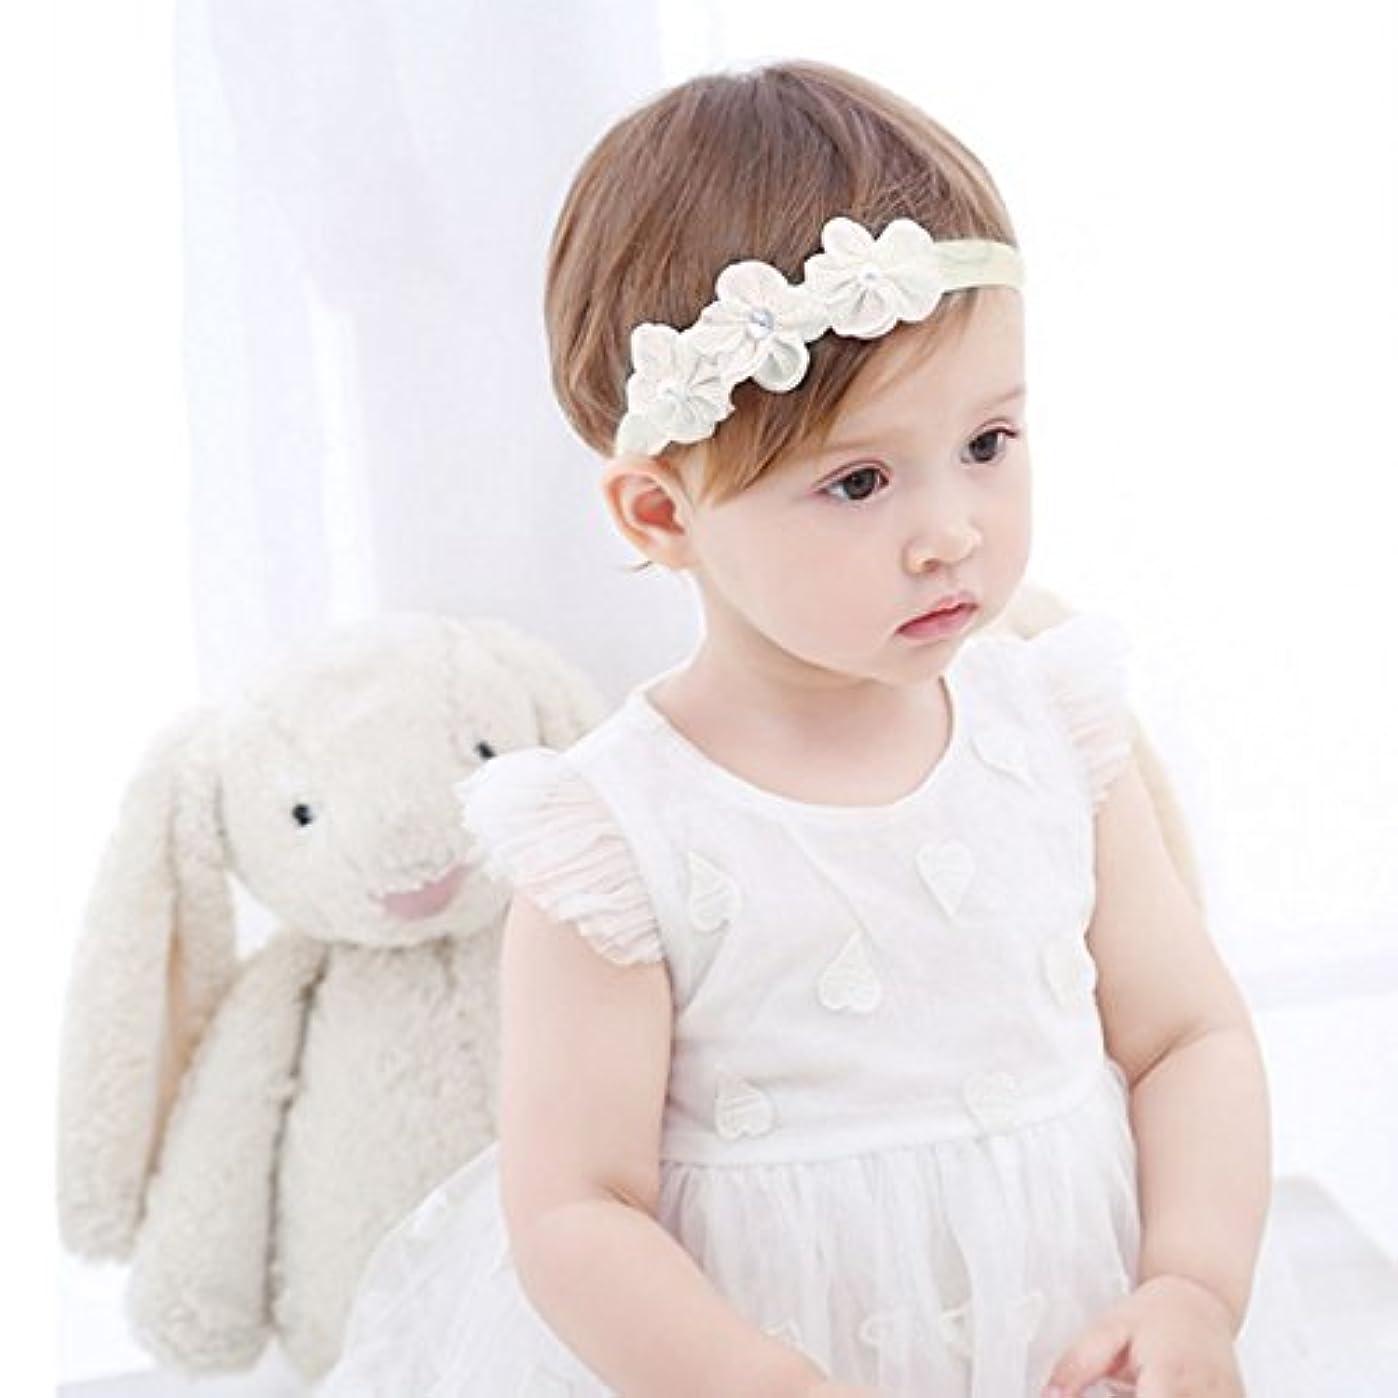 八百屋限定スタイルRefaxi 子供の赤ちゃんかわいい幼児のレースの花のヘアバンドヘッドウェアヘッドバンドアクセサリー